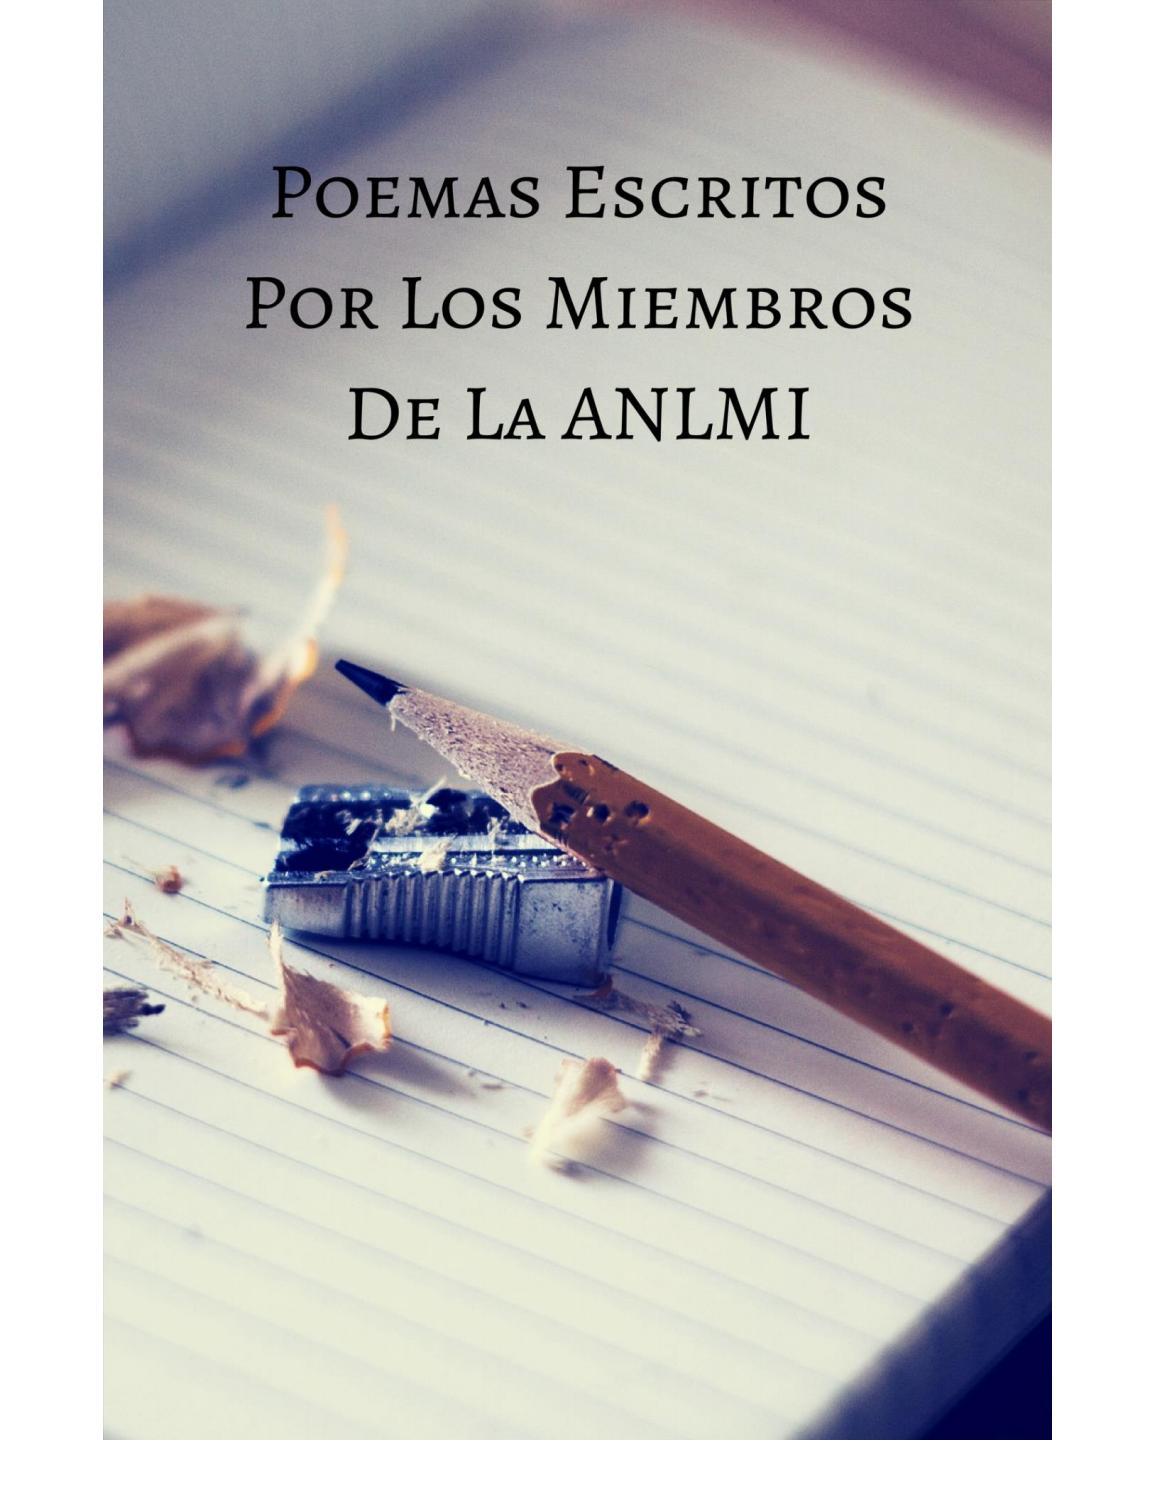 Poemas Escritos Por Los Miembros De La ANLMI by aliruru01